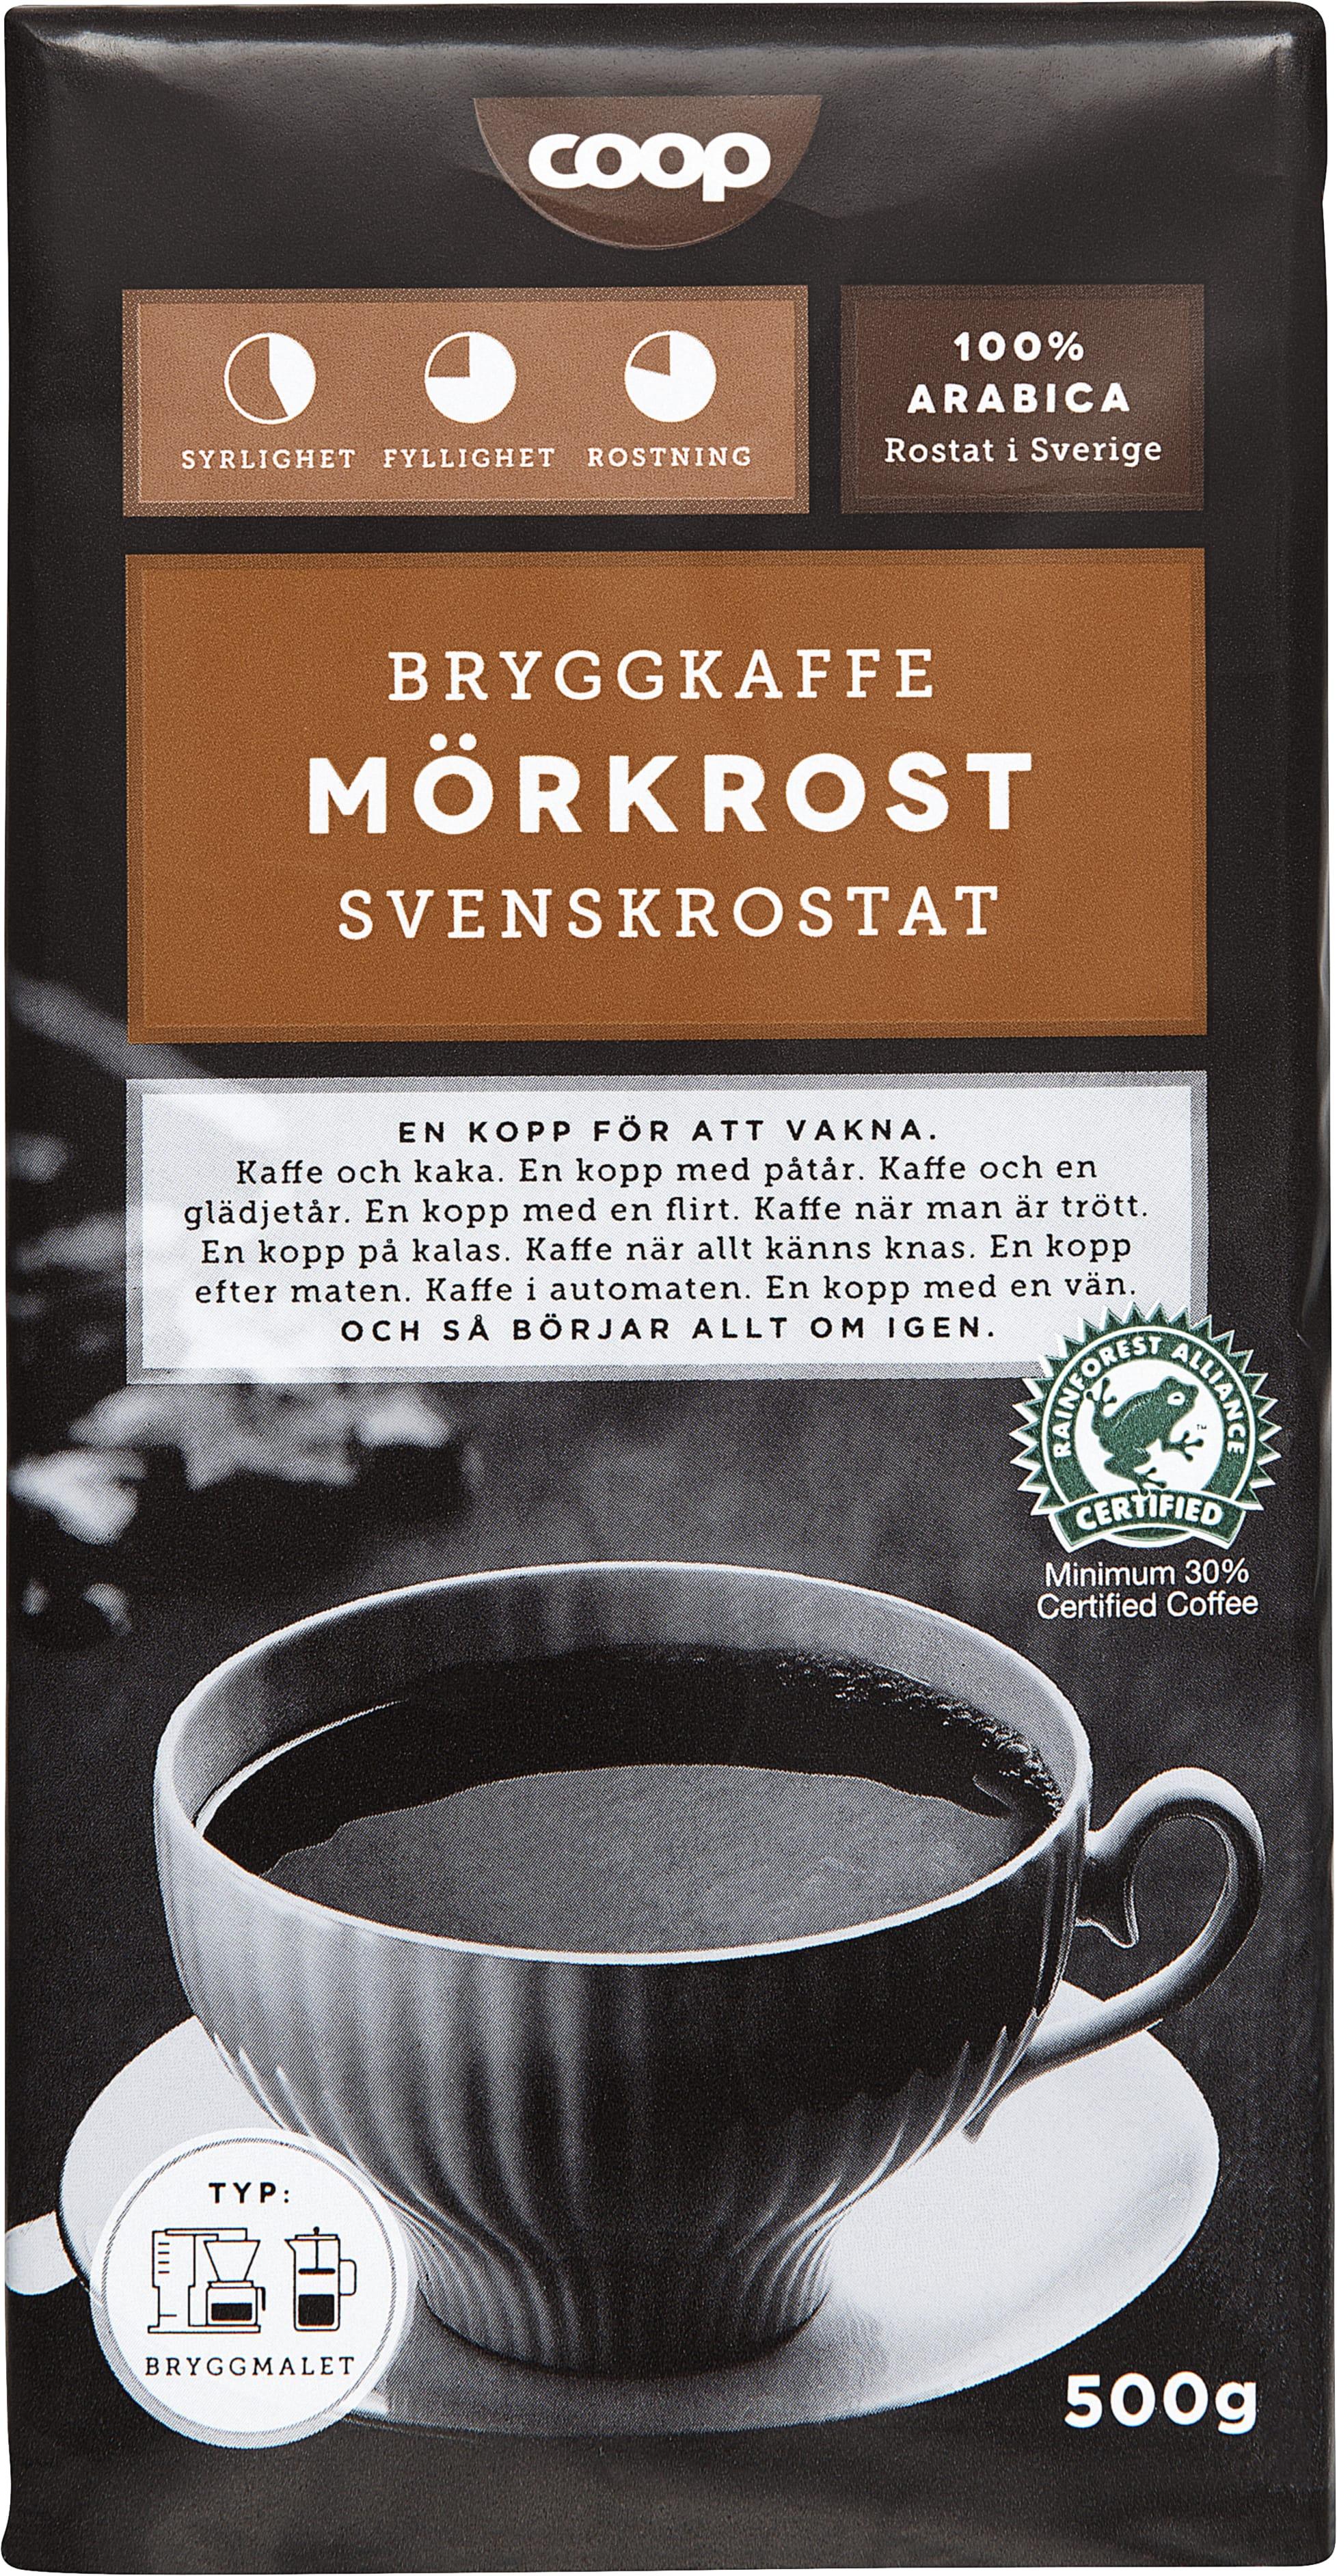 snabbkaffe vs bryggkaffe